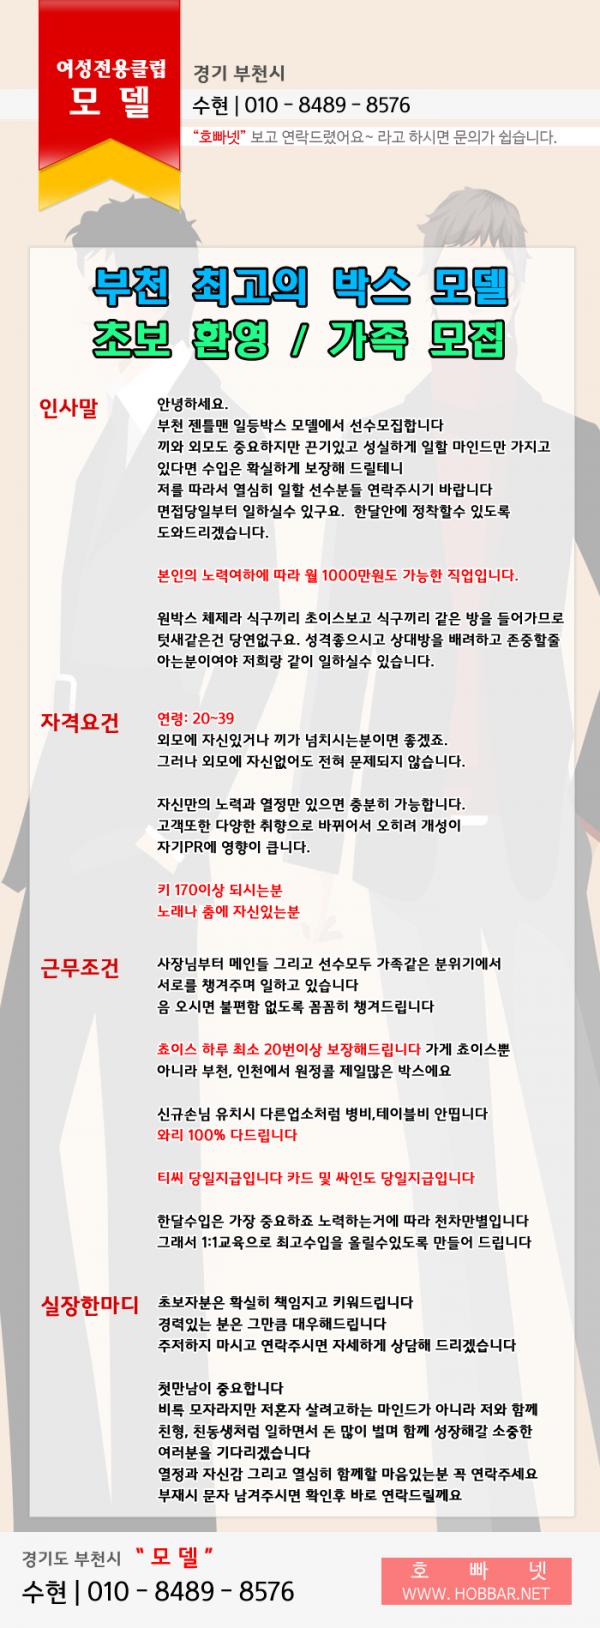 경기 부천호스트바 모델.png